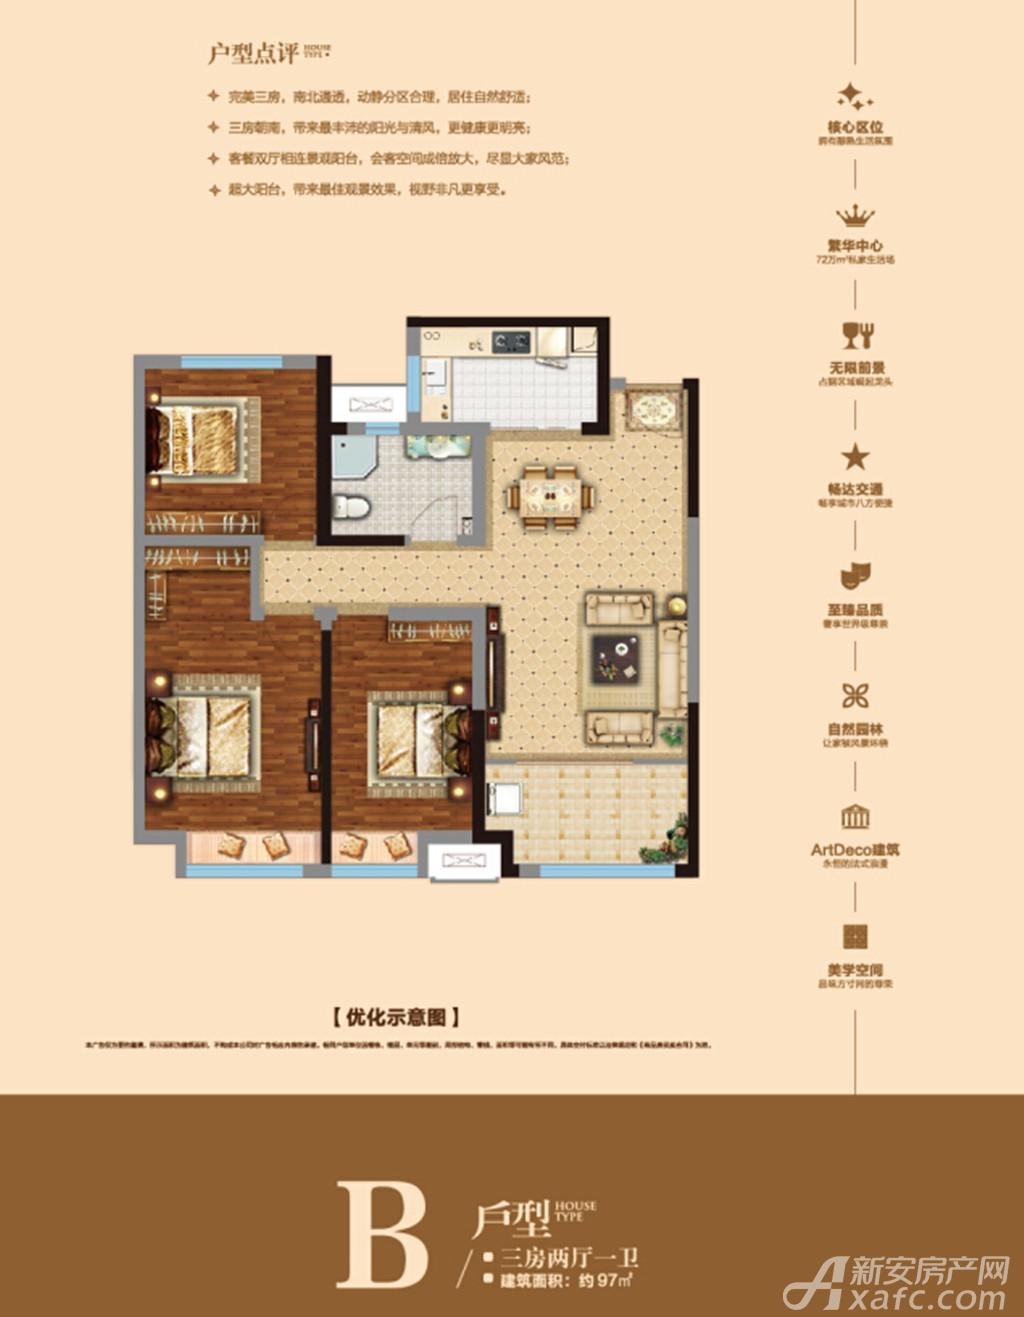 户型简介: 该户型方正,南北通透;双卧室朝南;卫生间干湿分离,l型厨房图片